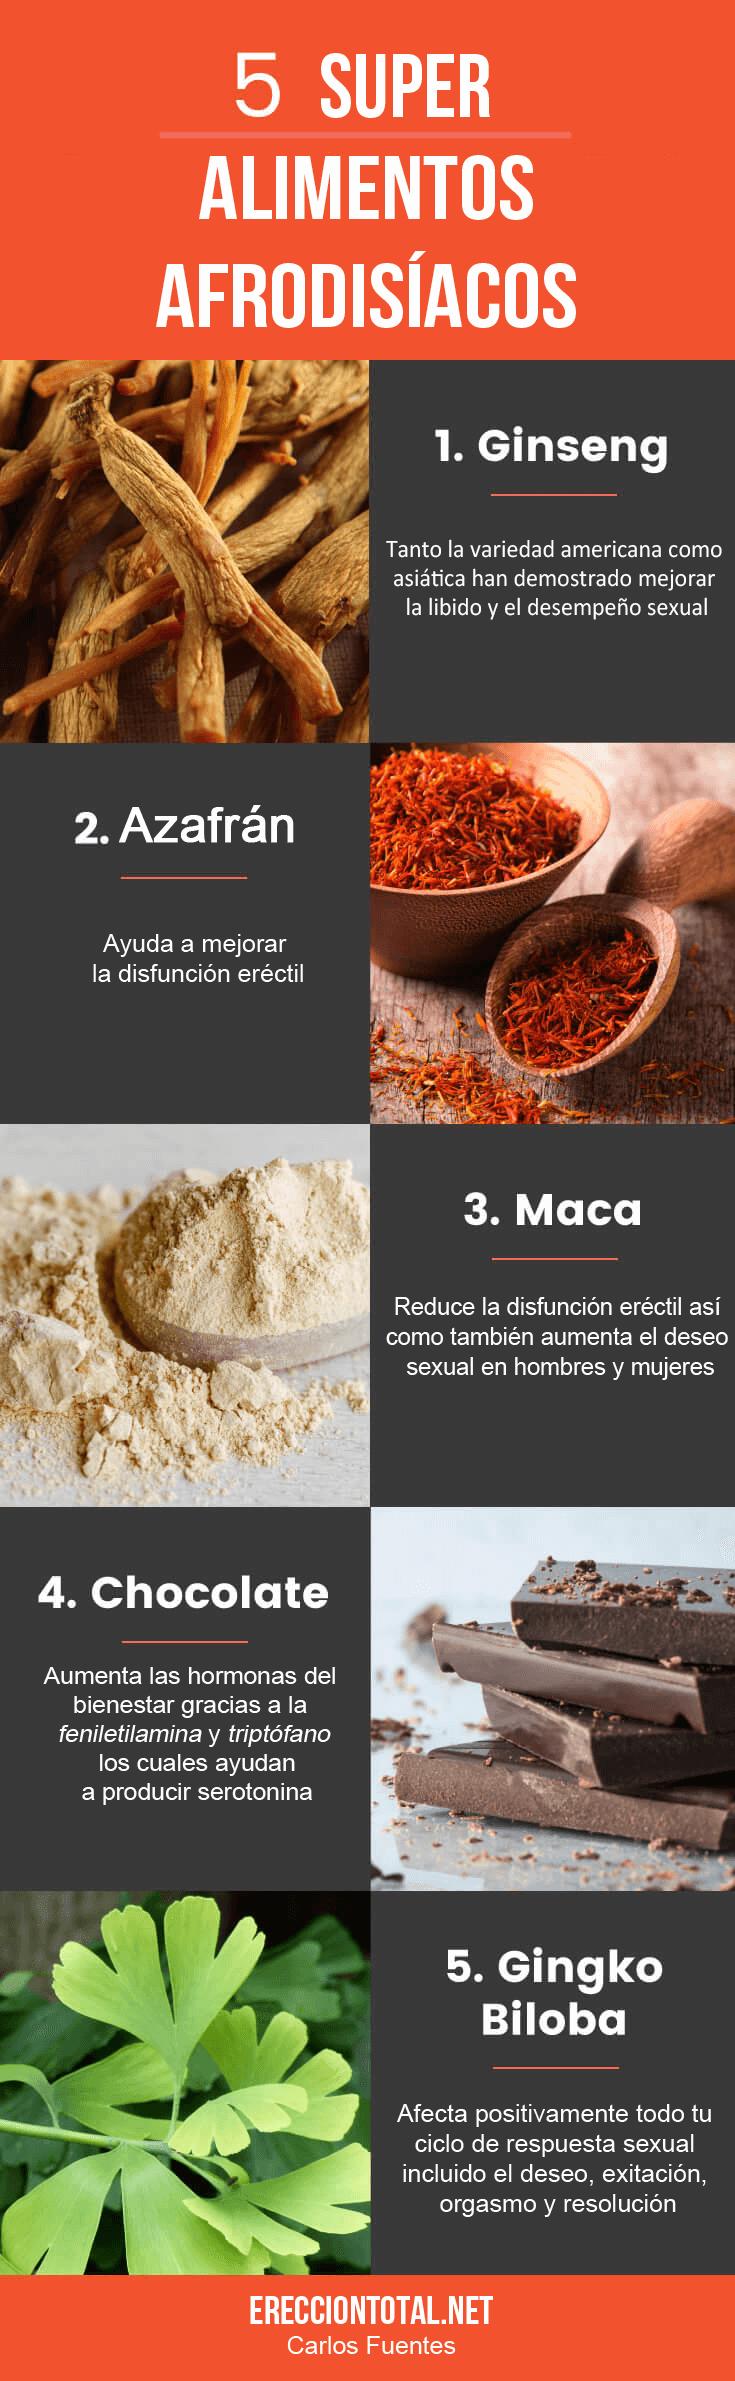 5 Alimentos Afrodisíacos para Mejorar la Erección